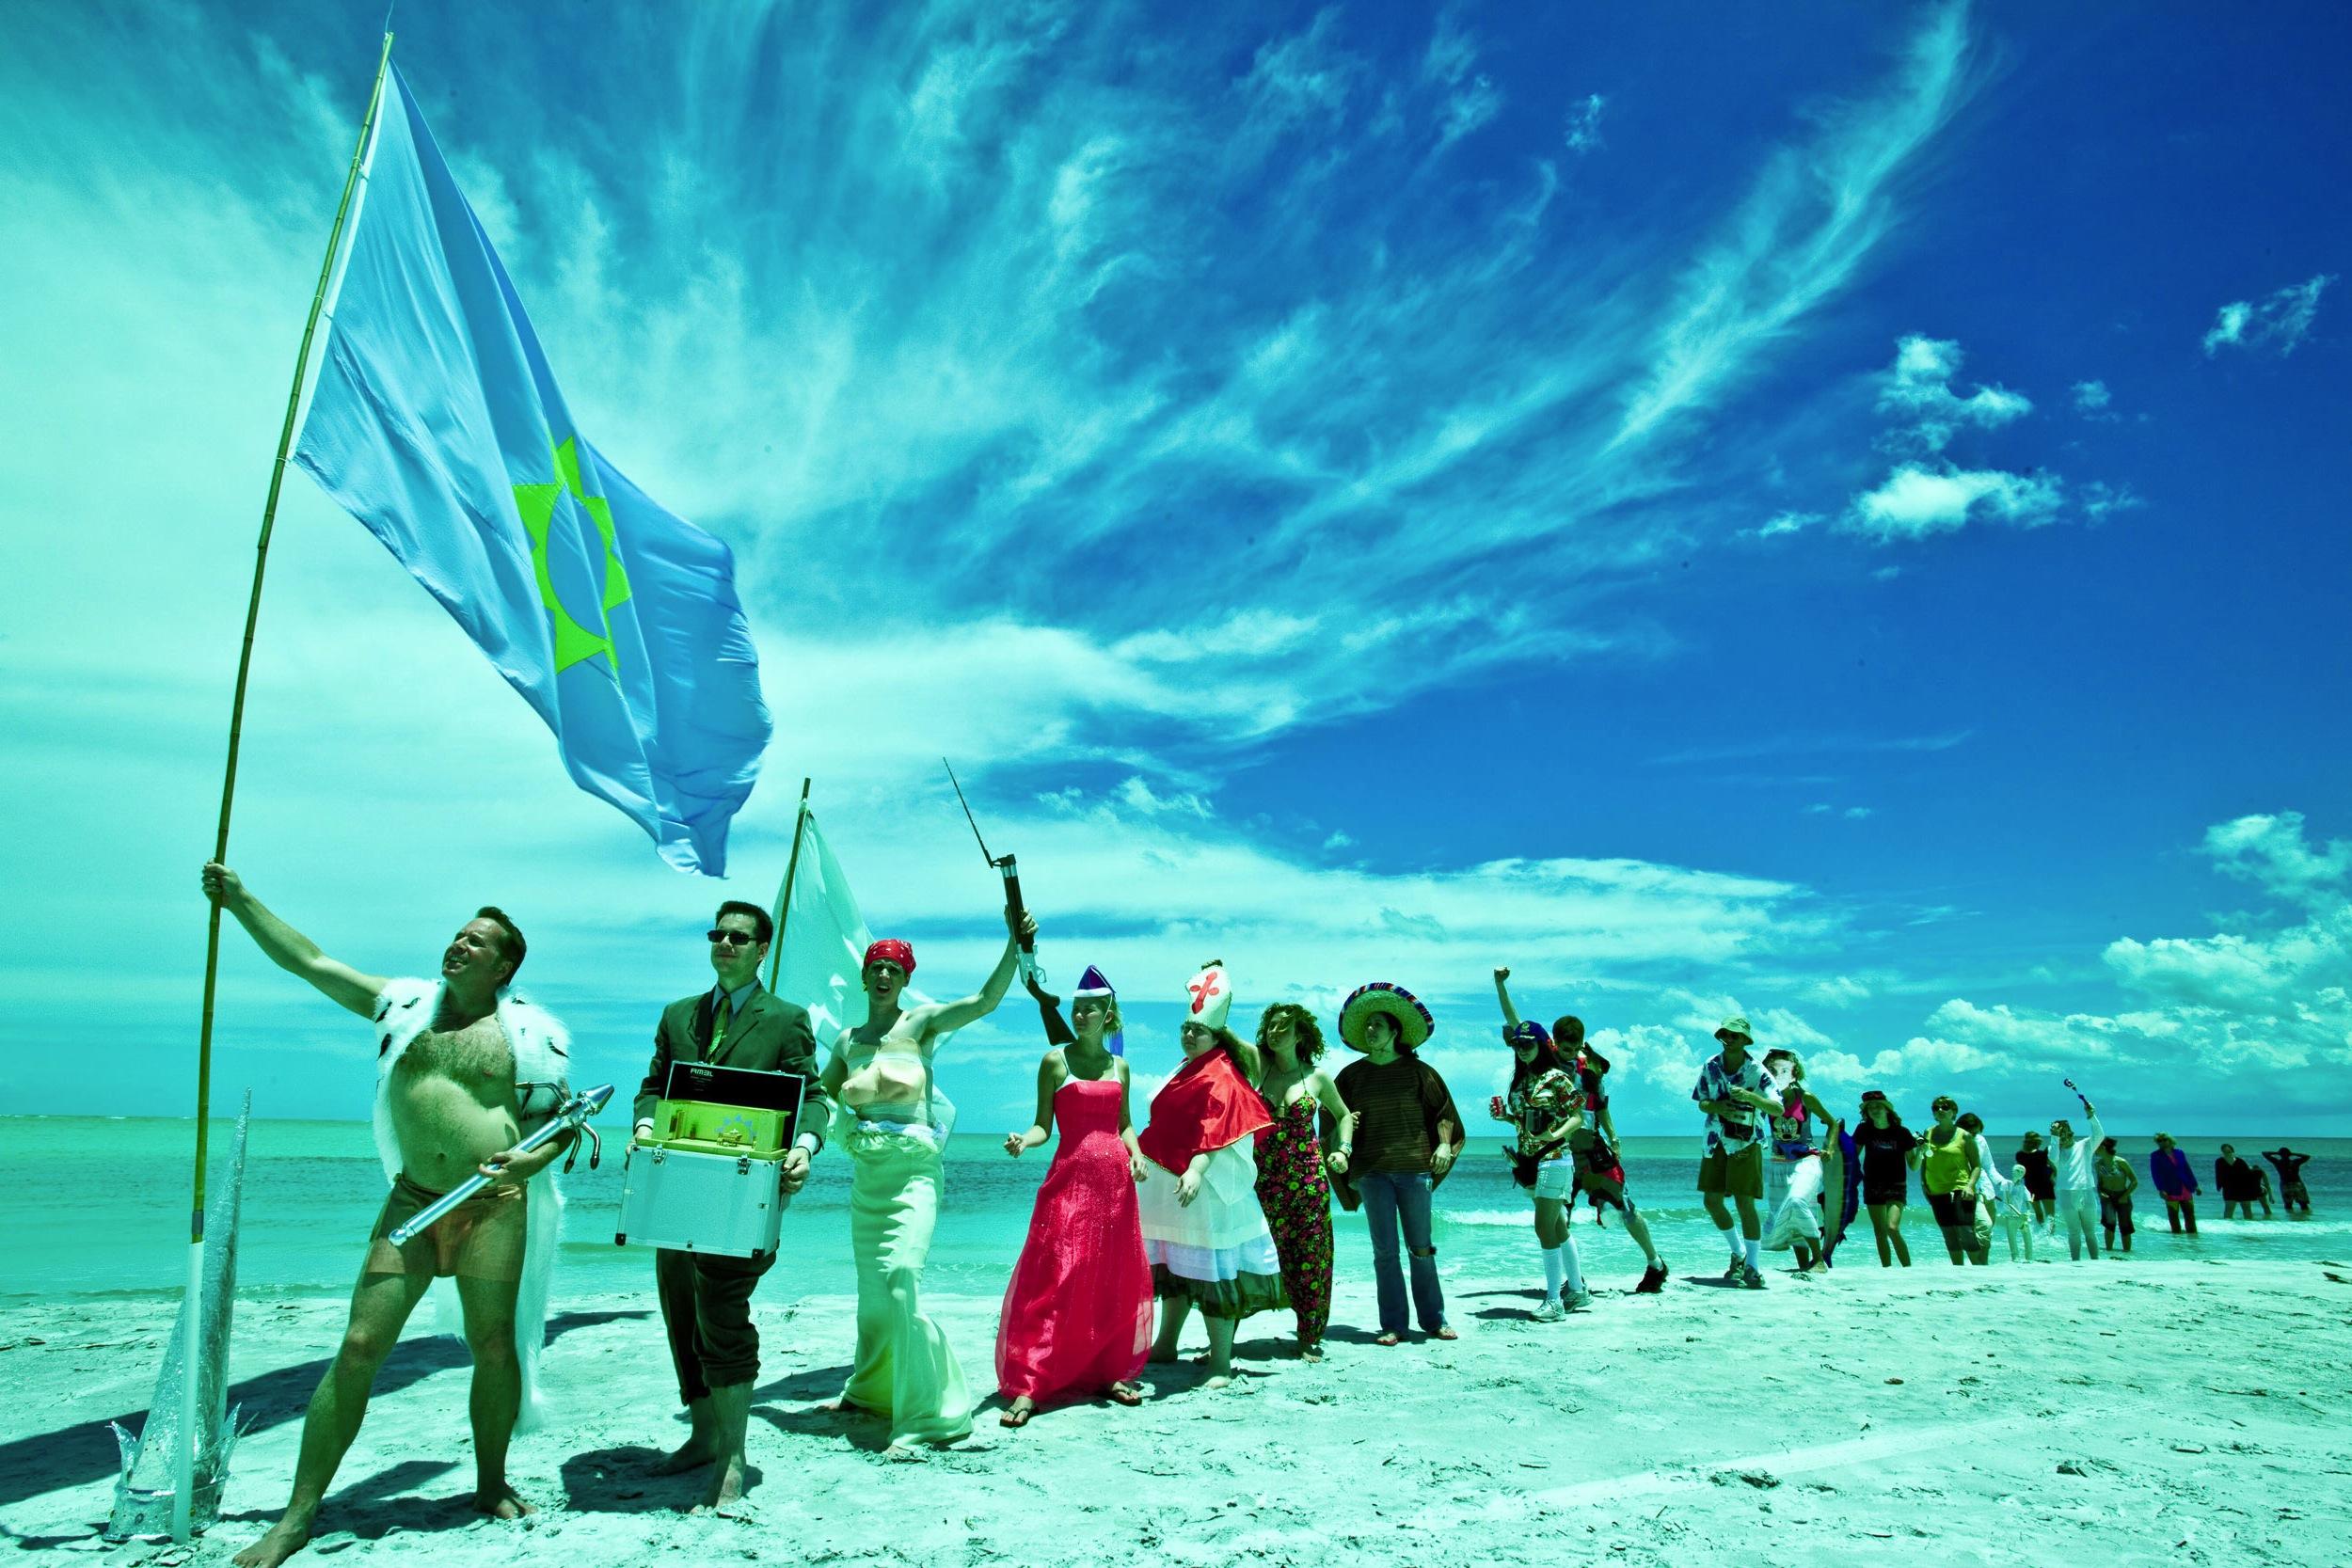 from Brandon coral sea islands gay